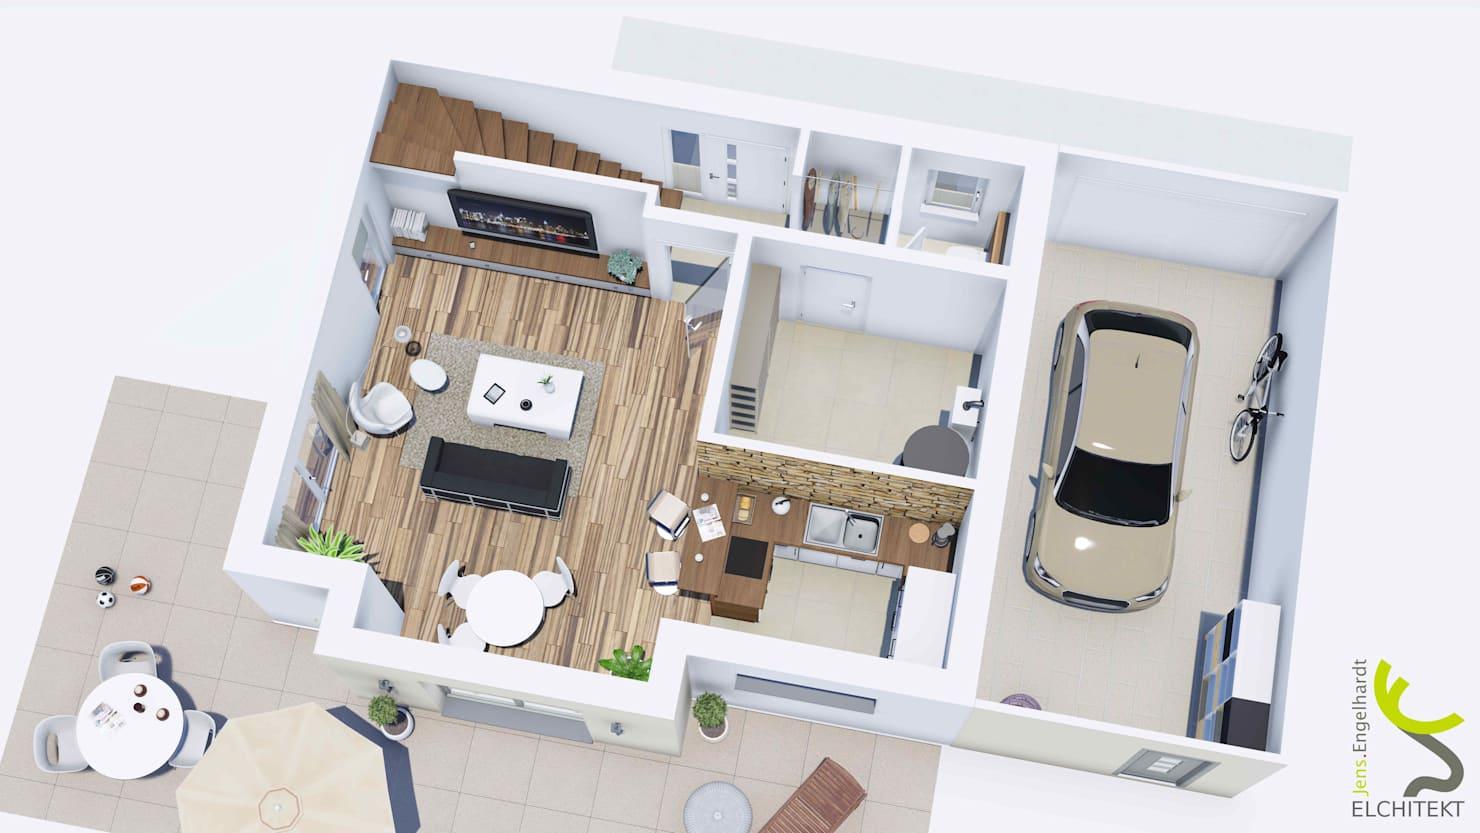 10 نماذج لرسومات معمارية تلهمك لتخطيط منزلك بحرفية